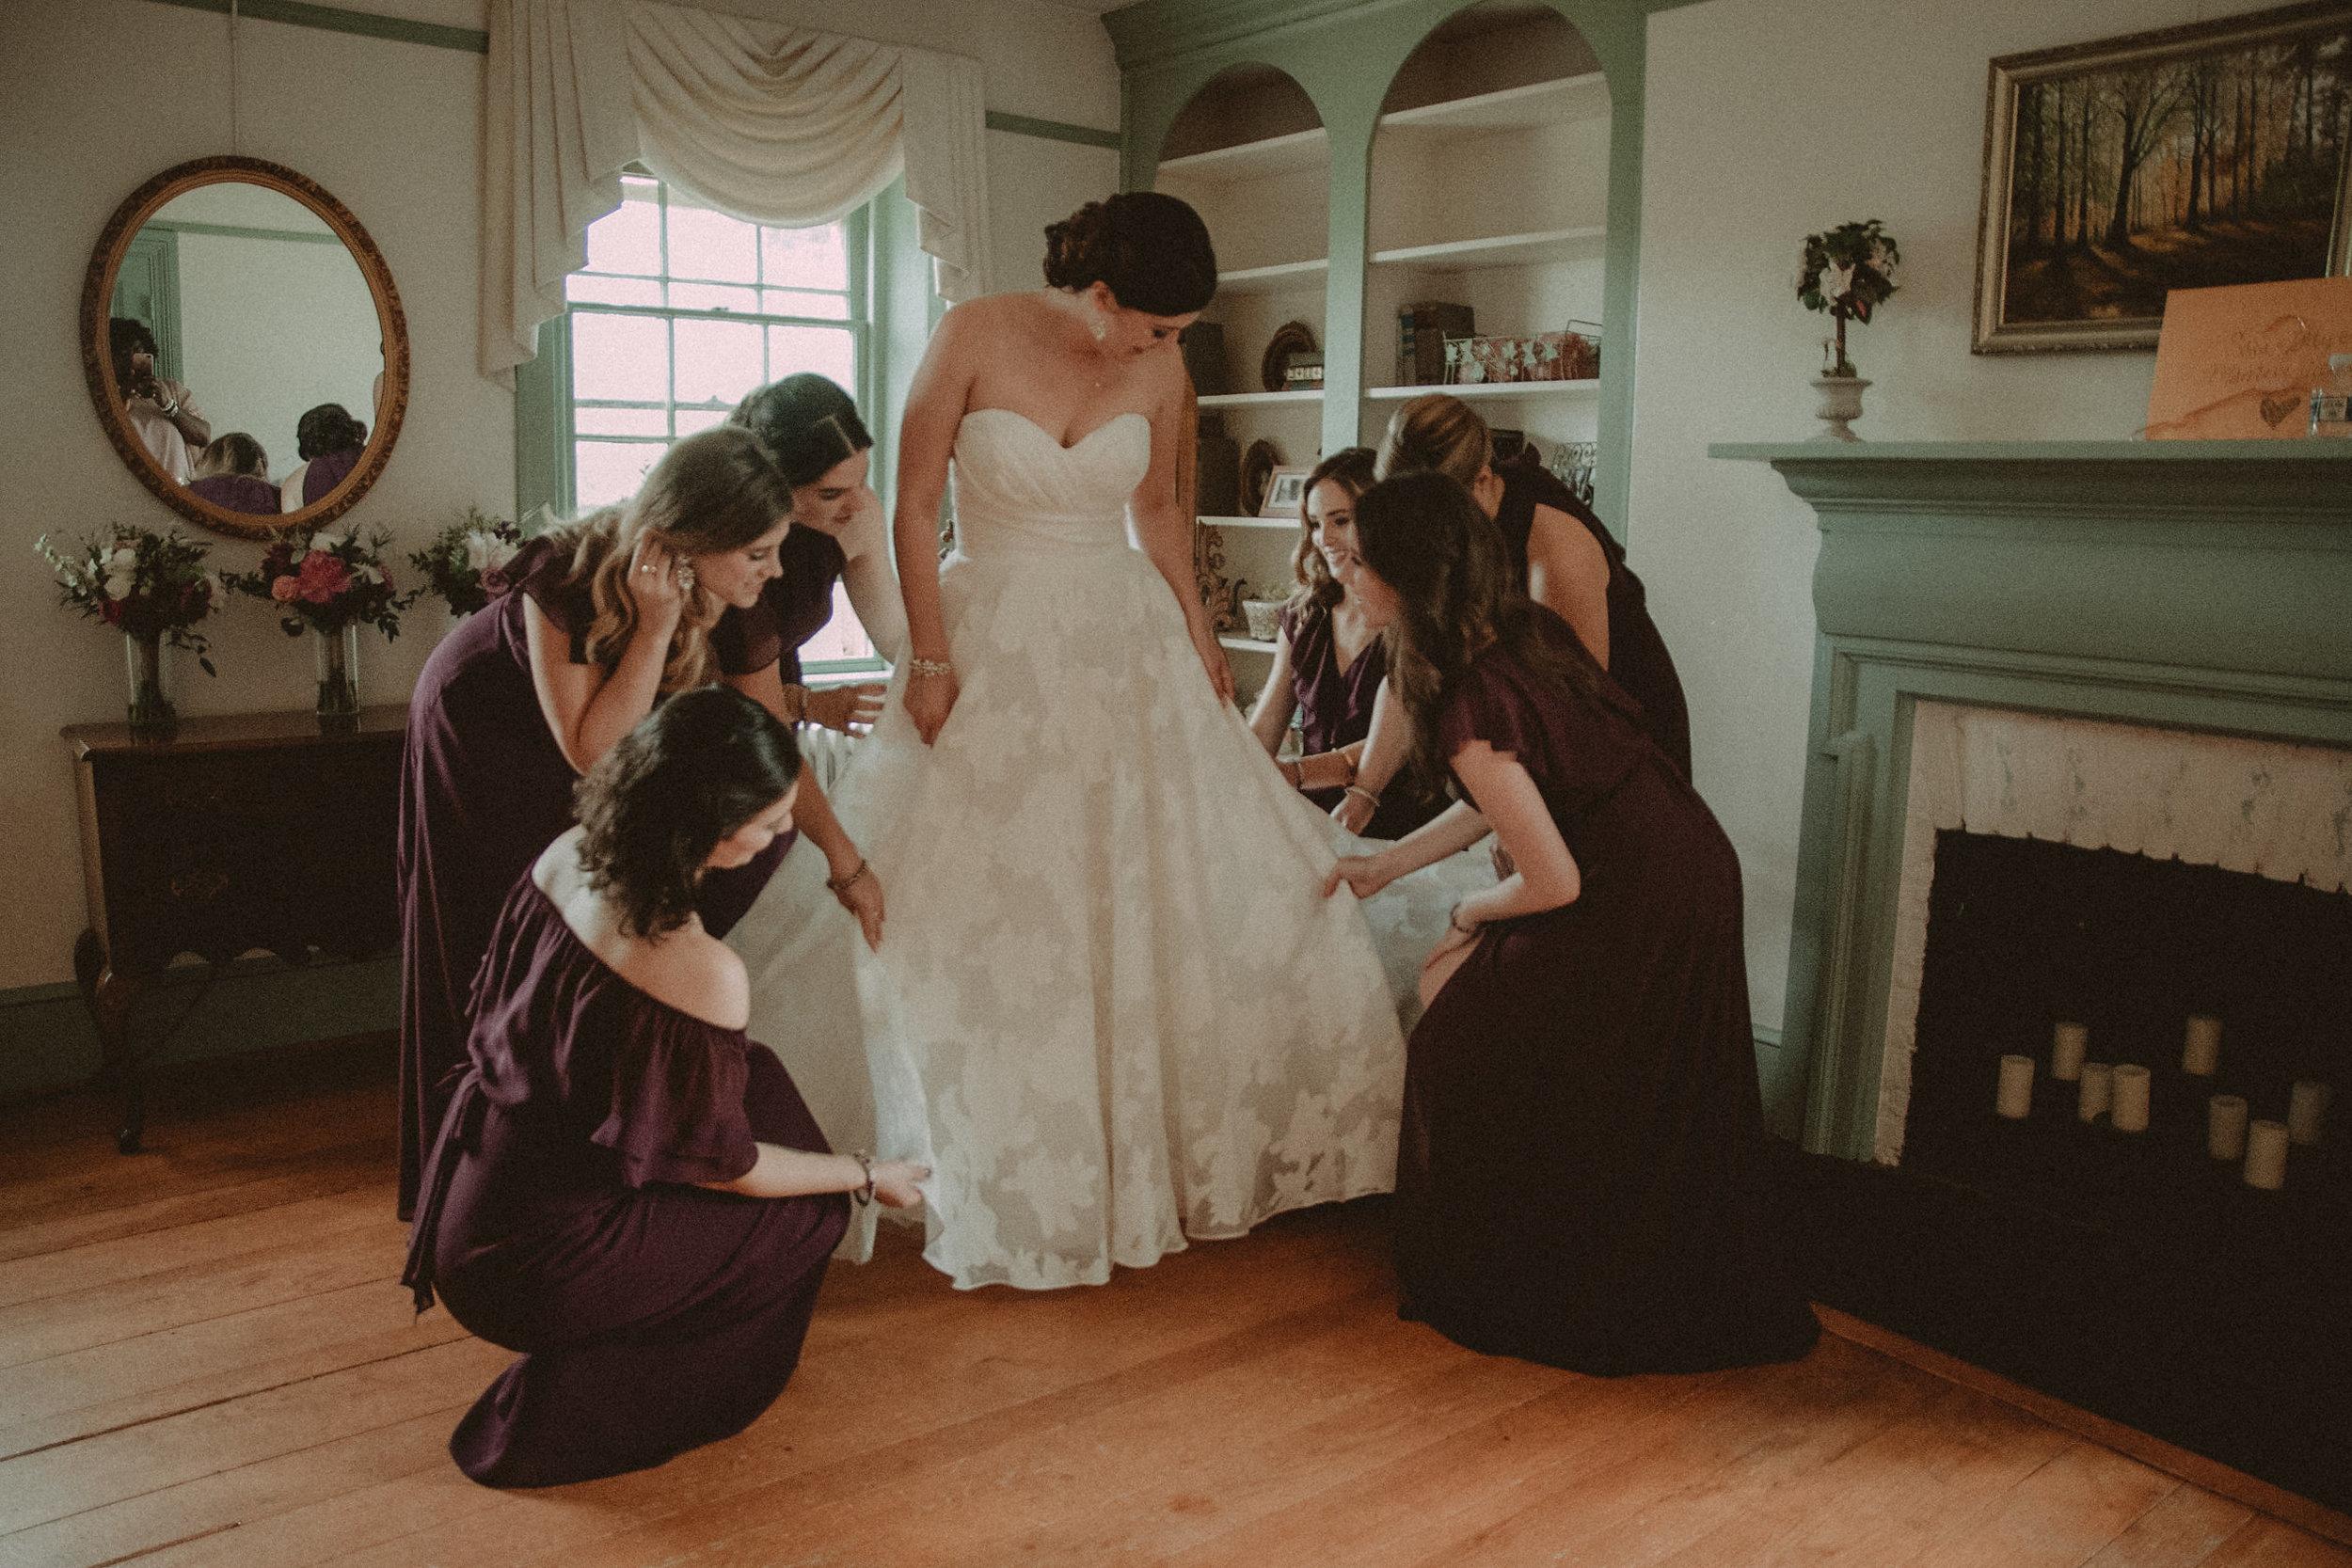 Bridesmaids help bride get dressed